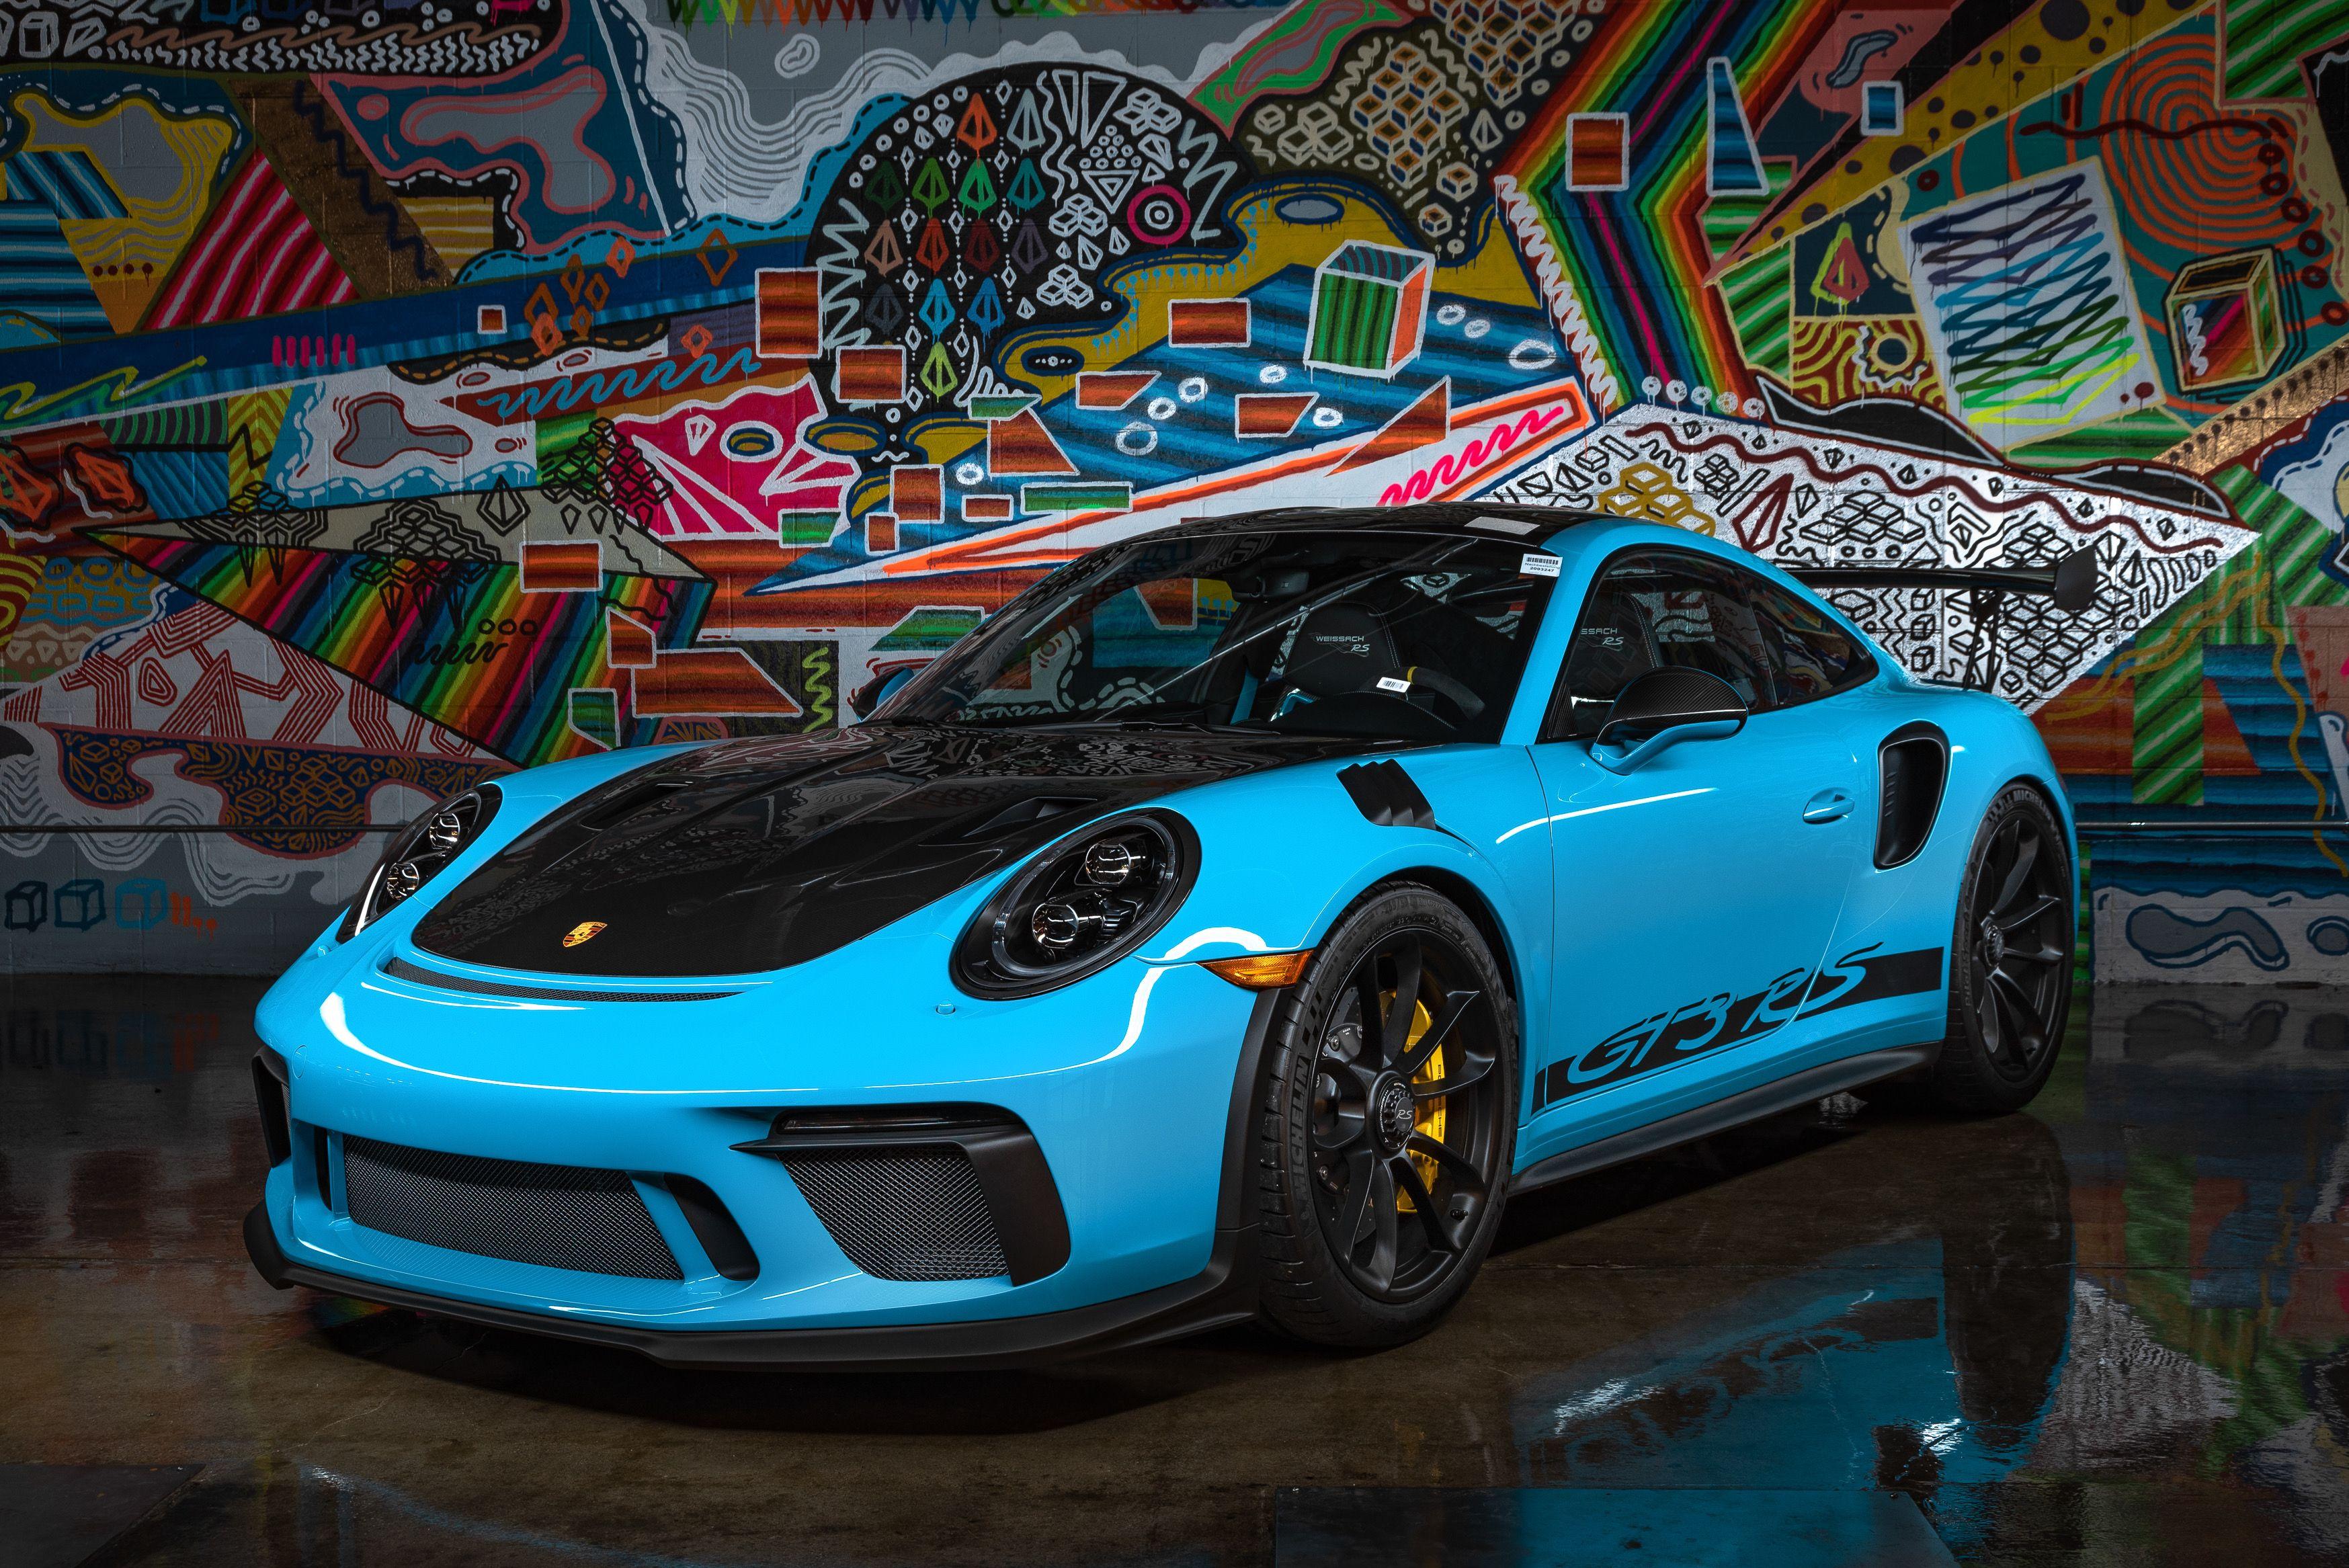 2019 Porsche 911 GT3 RS Wallpapers , Wallpaper Cave